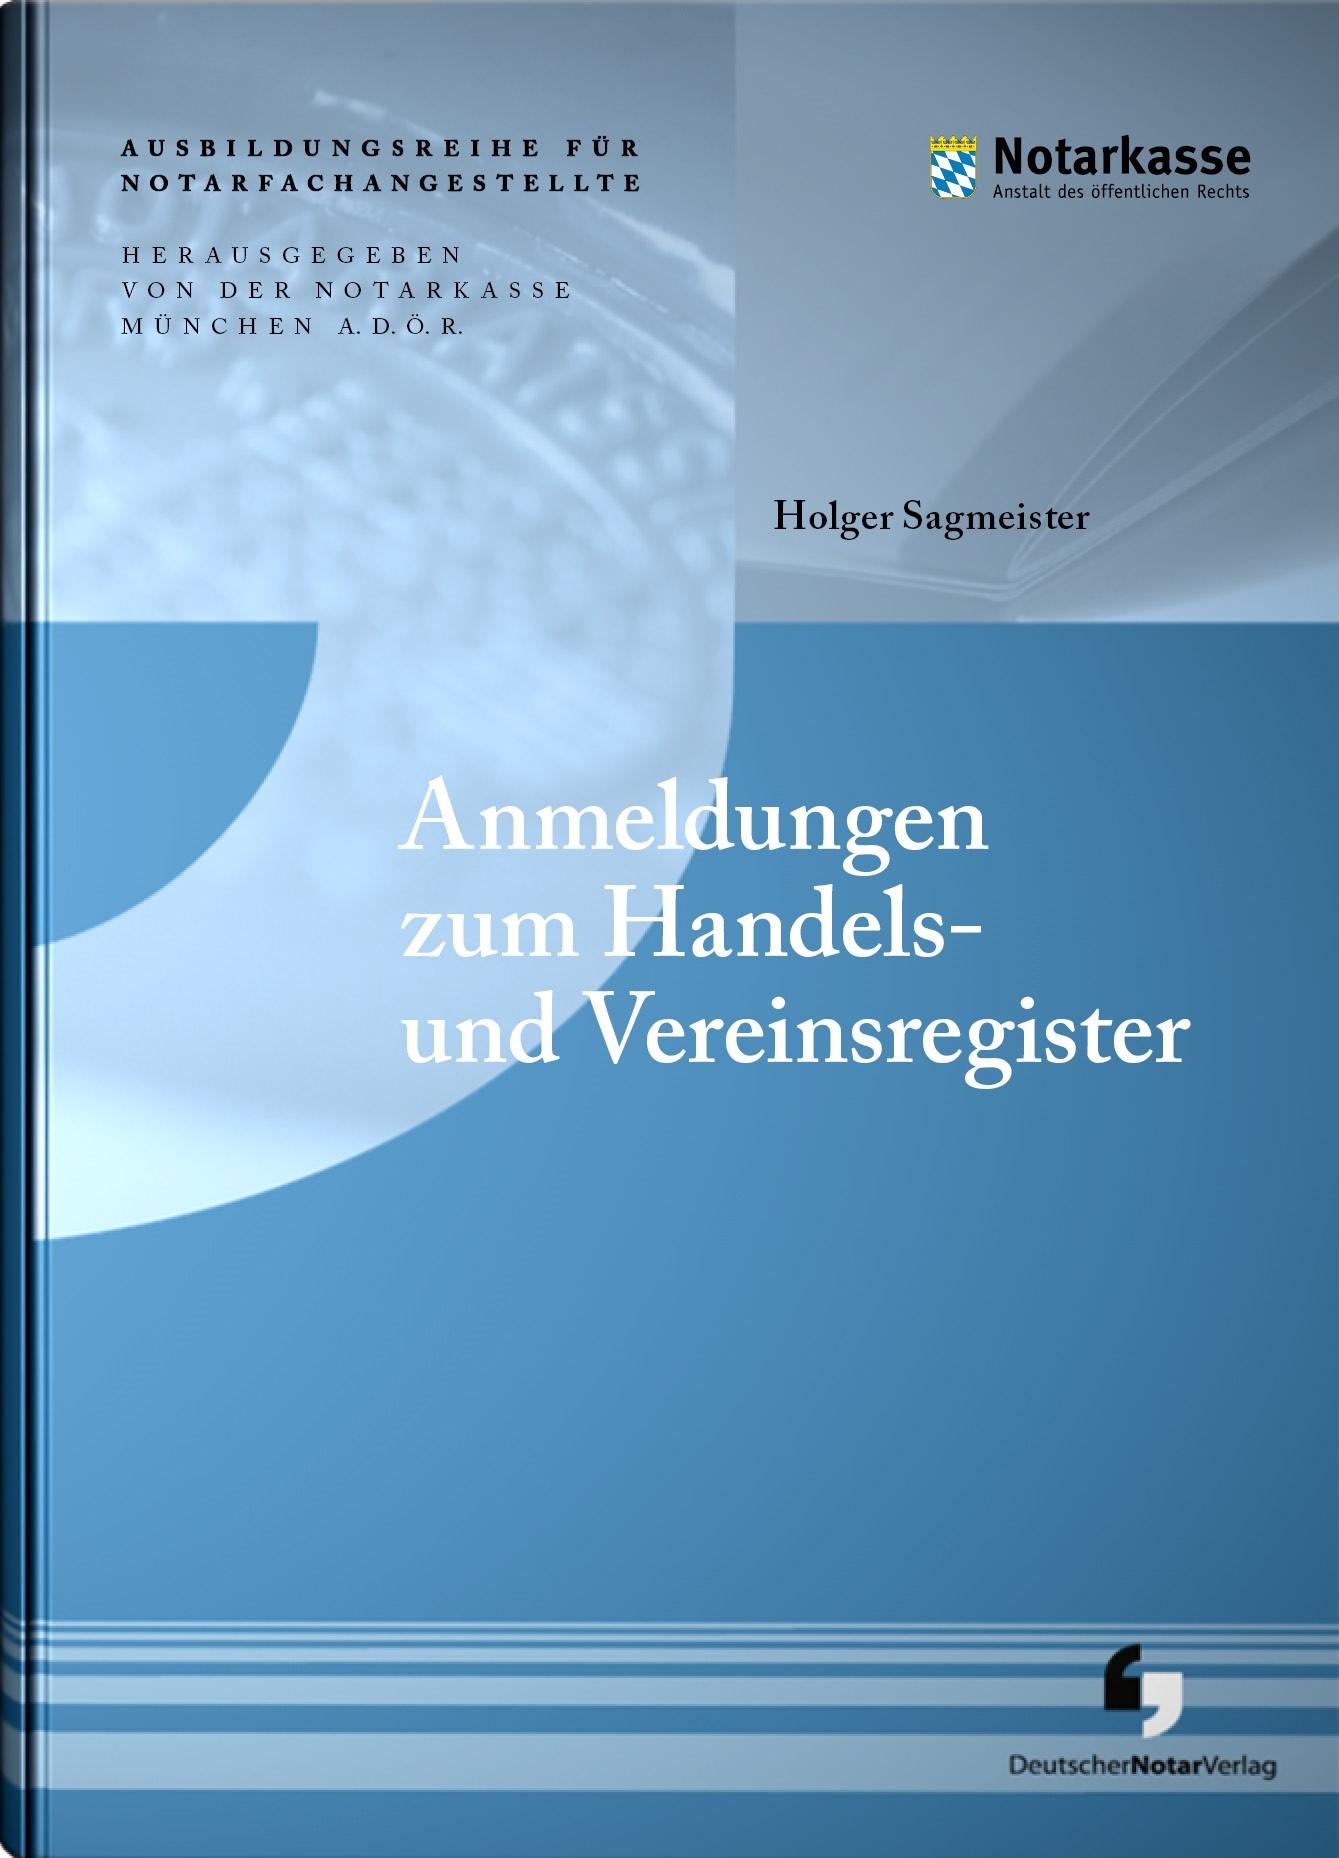 Anmeldungen zum Handels- und Vereinsregister | Sagmeister, 2017 | Buch (Cover)